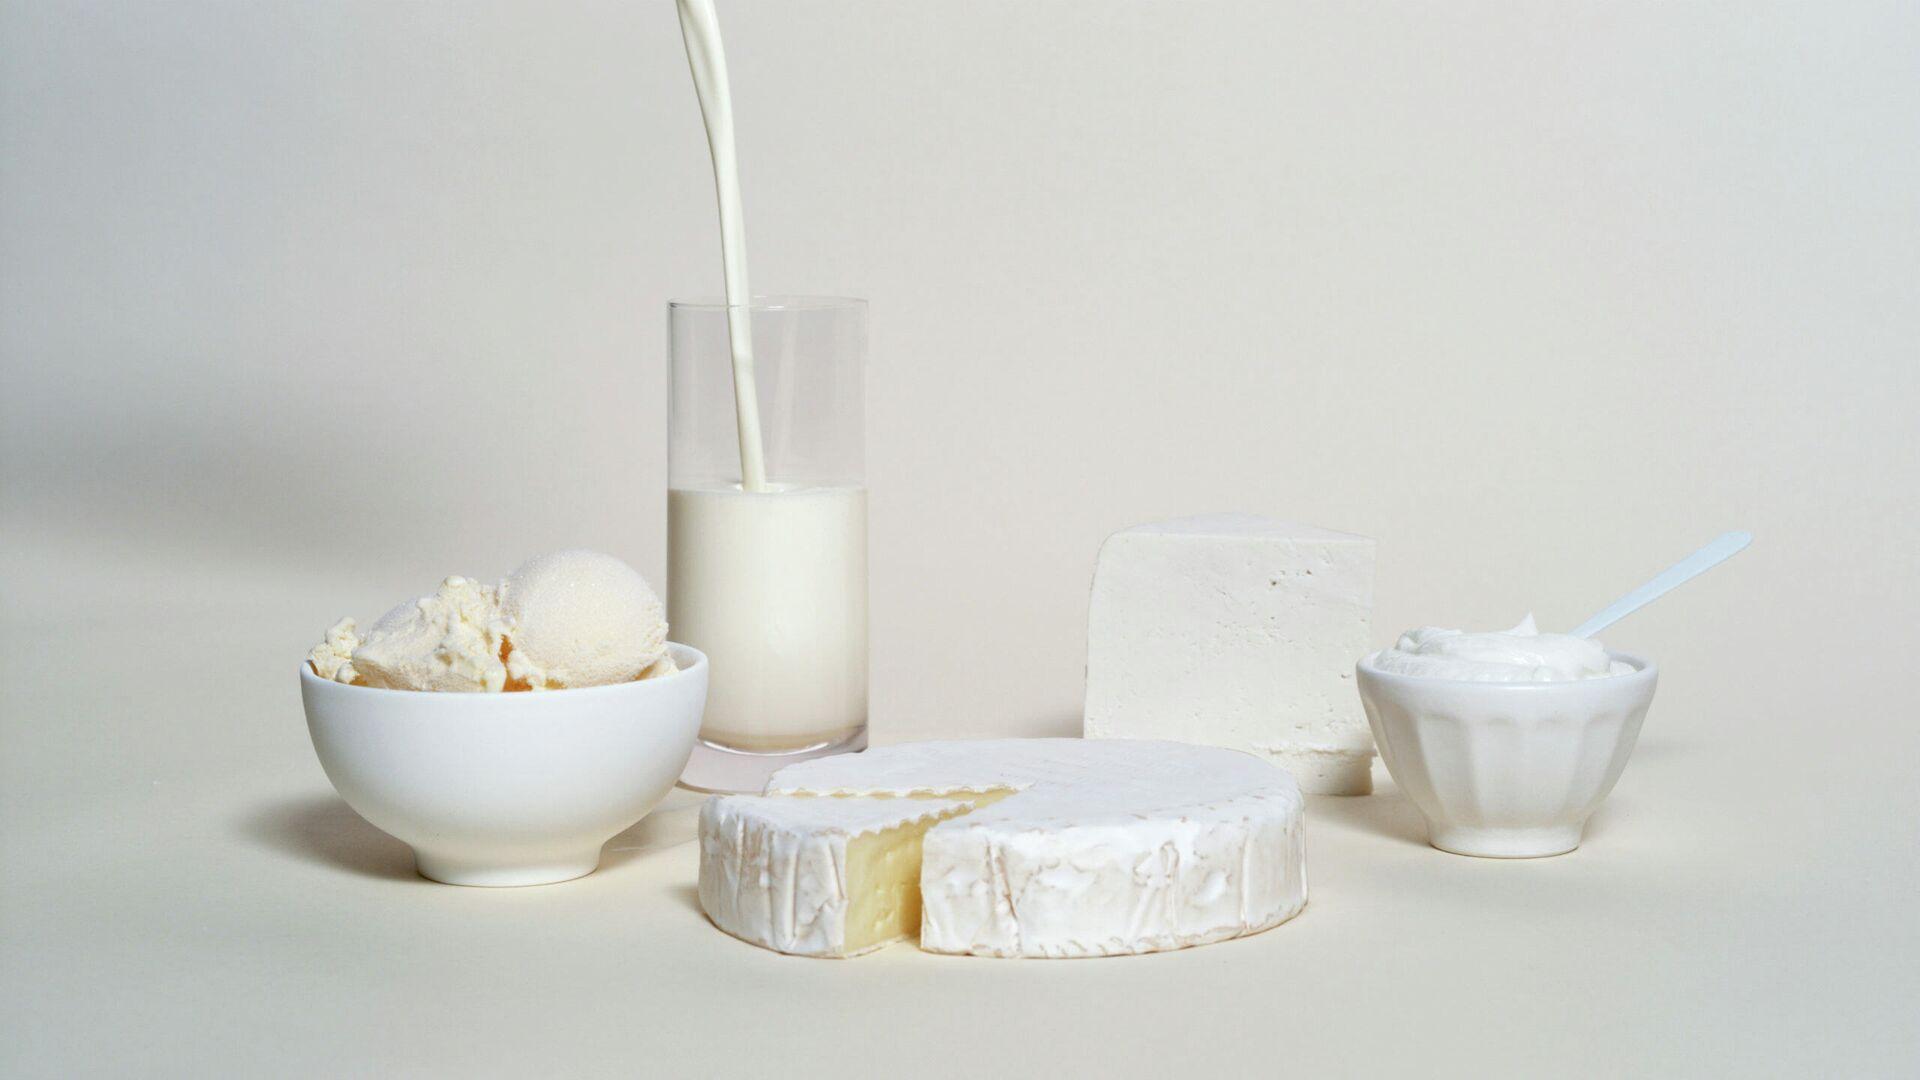 Alimentos fabricados con la proteína láctea de Perfect Day - Sputnik Mundo, 1920, 13.08.2021